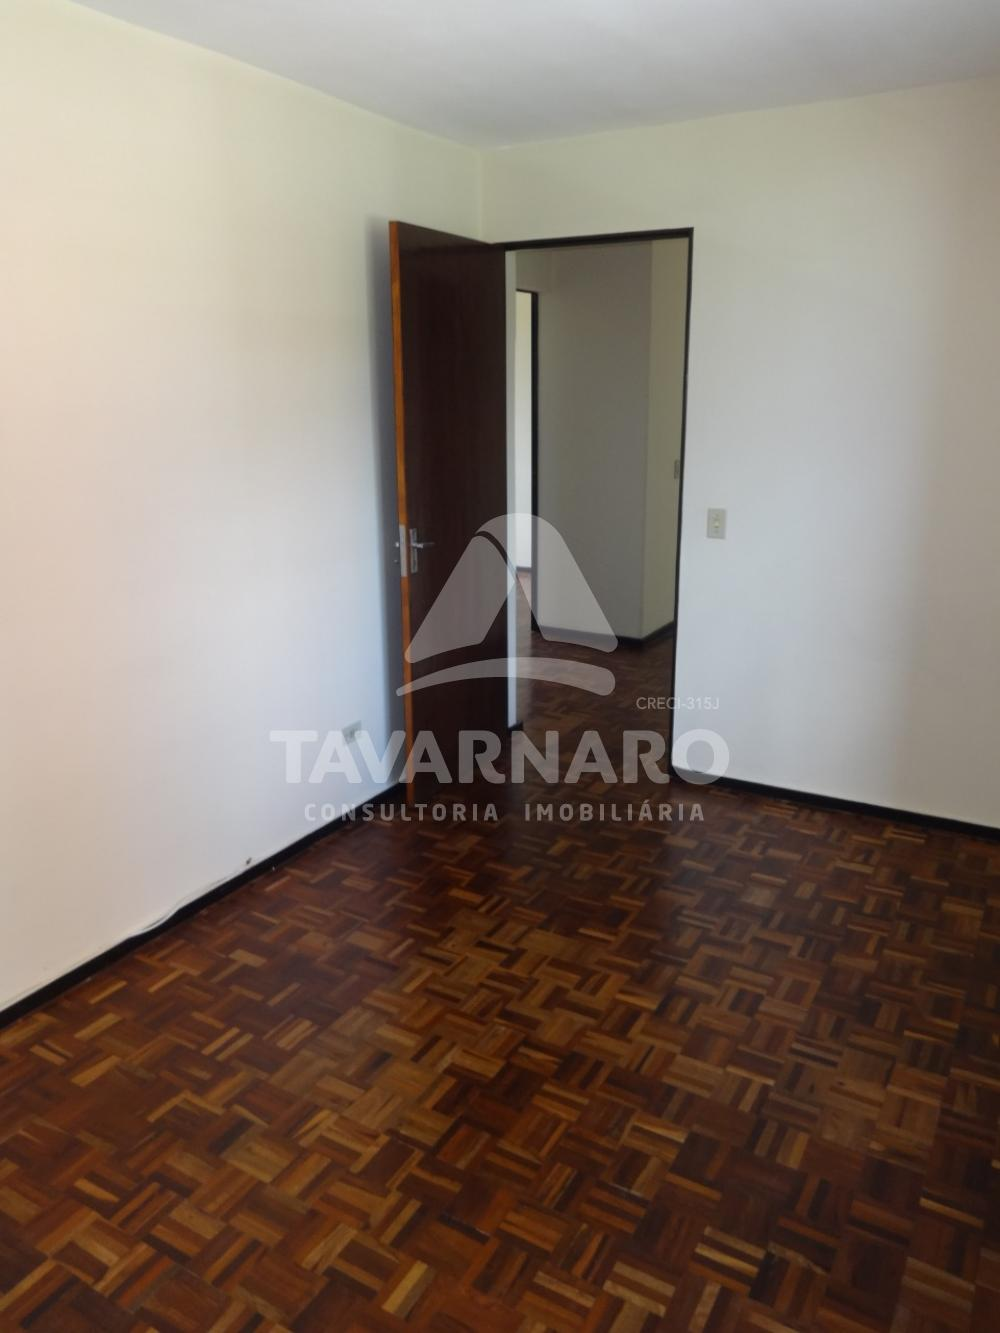 Alugar Apartamento / Padrão em Ponta Grossa R$ 600,00 - Foto 13